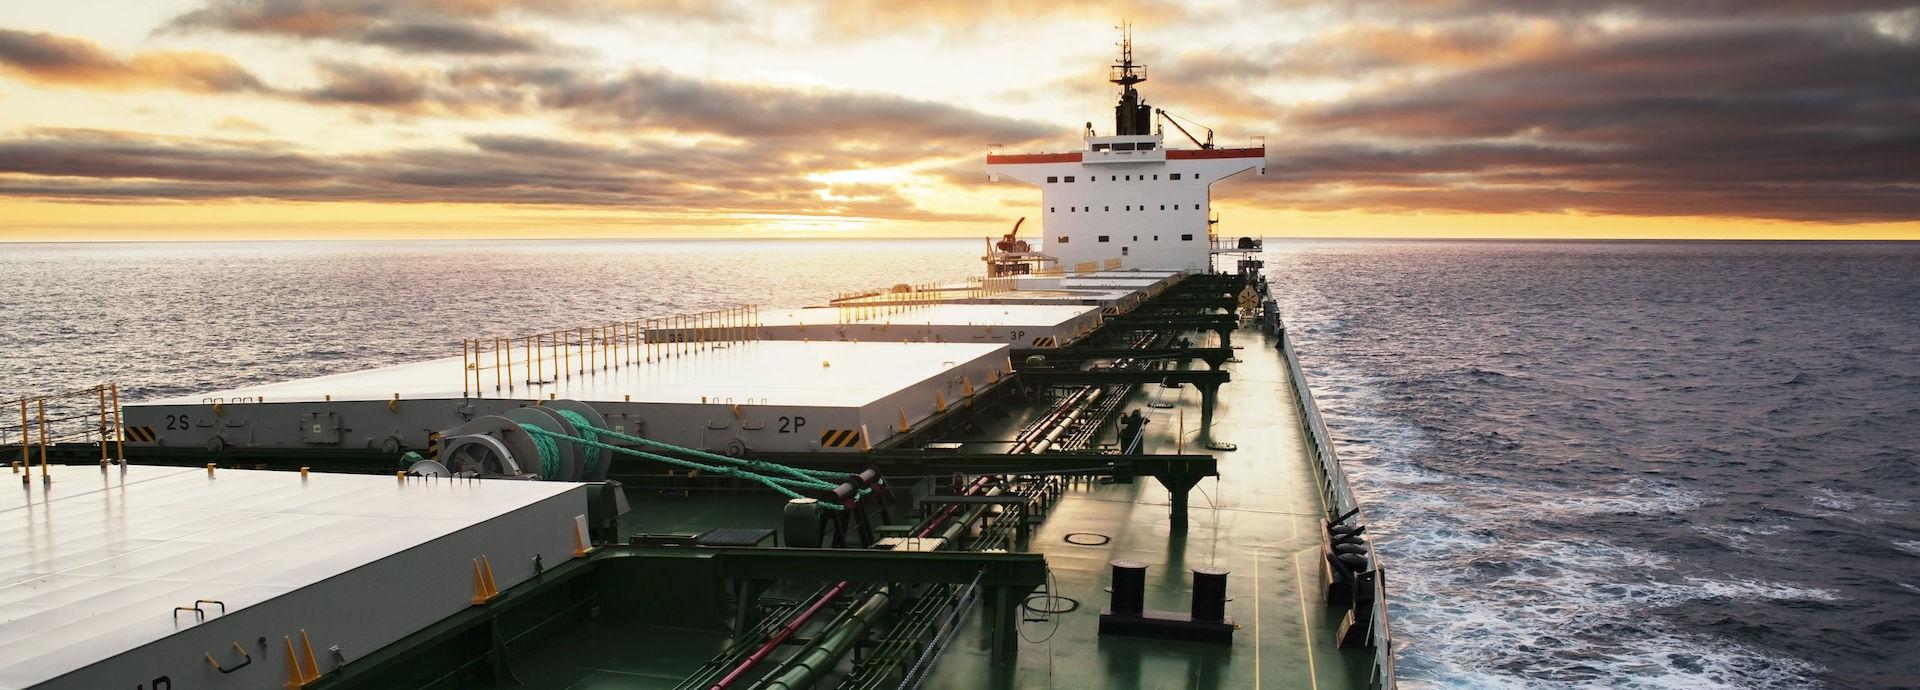 Wärtsilä Fleet Operations Solution (Cargo ship at sea, view from bridge)